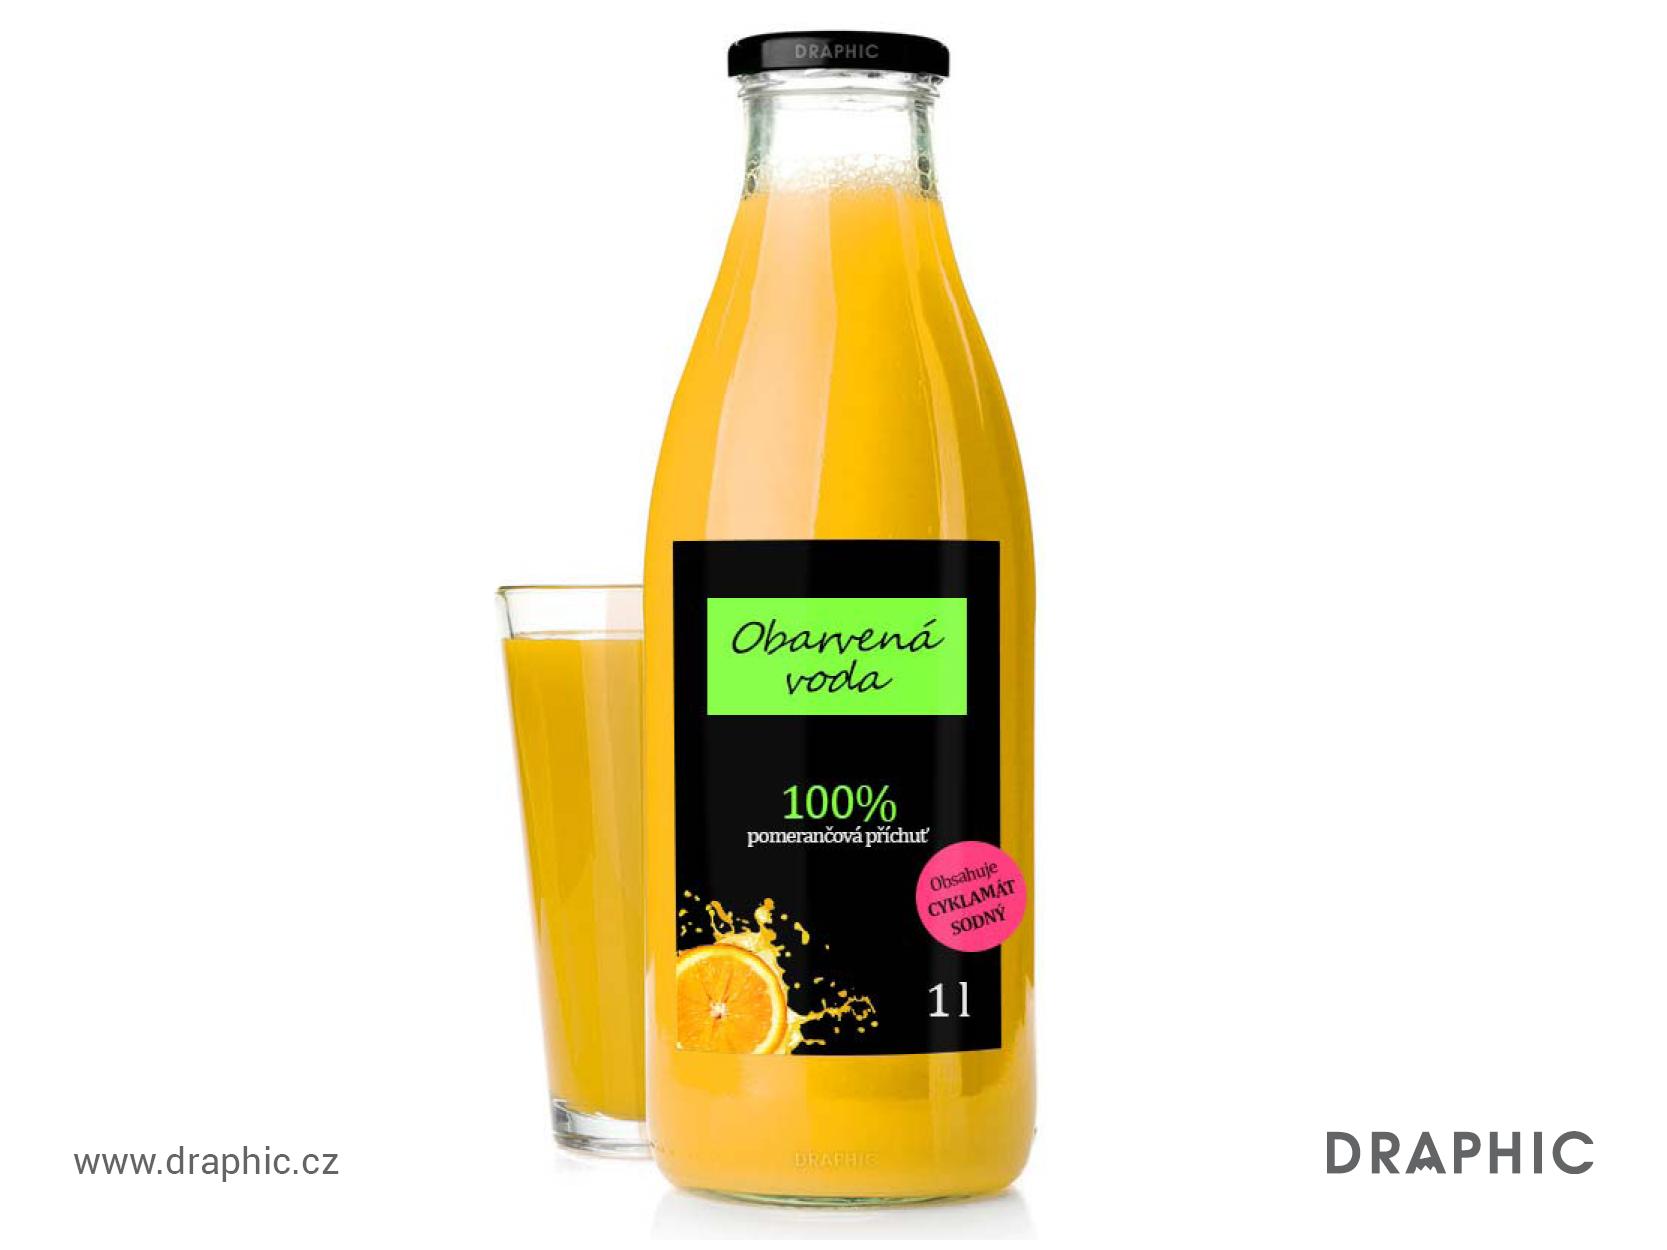 draphic-09